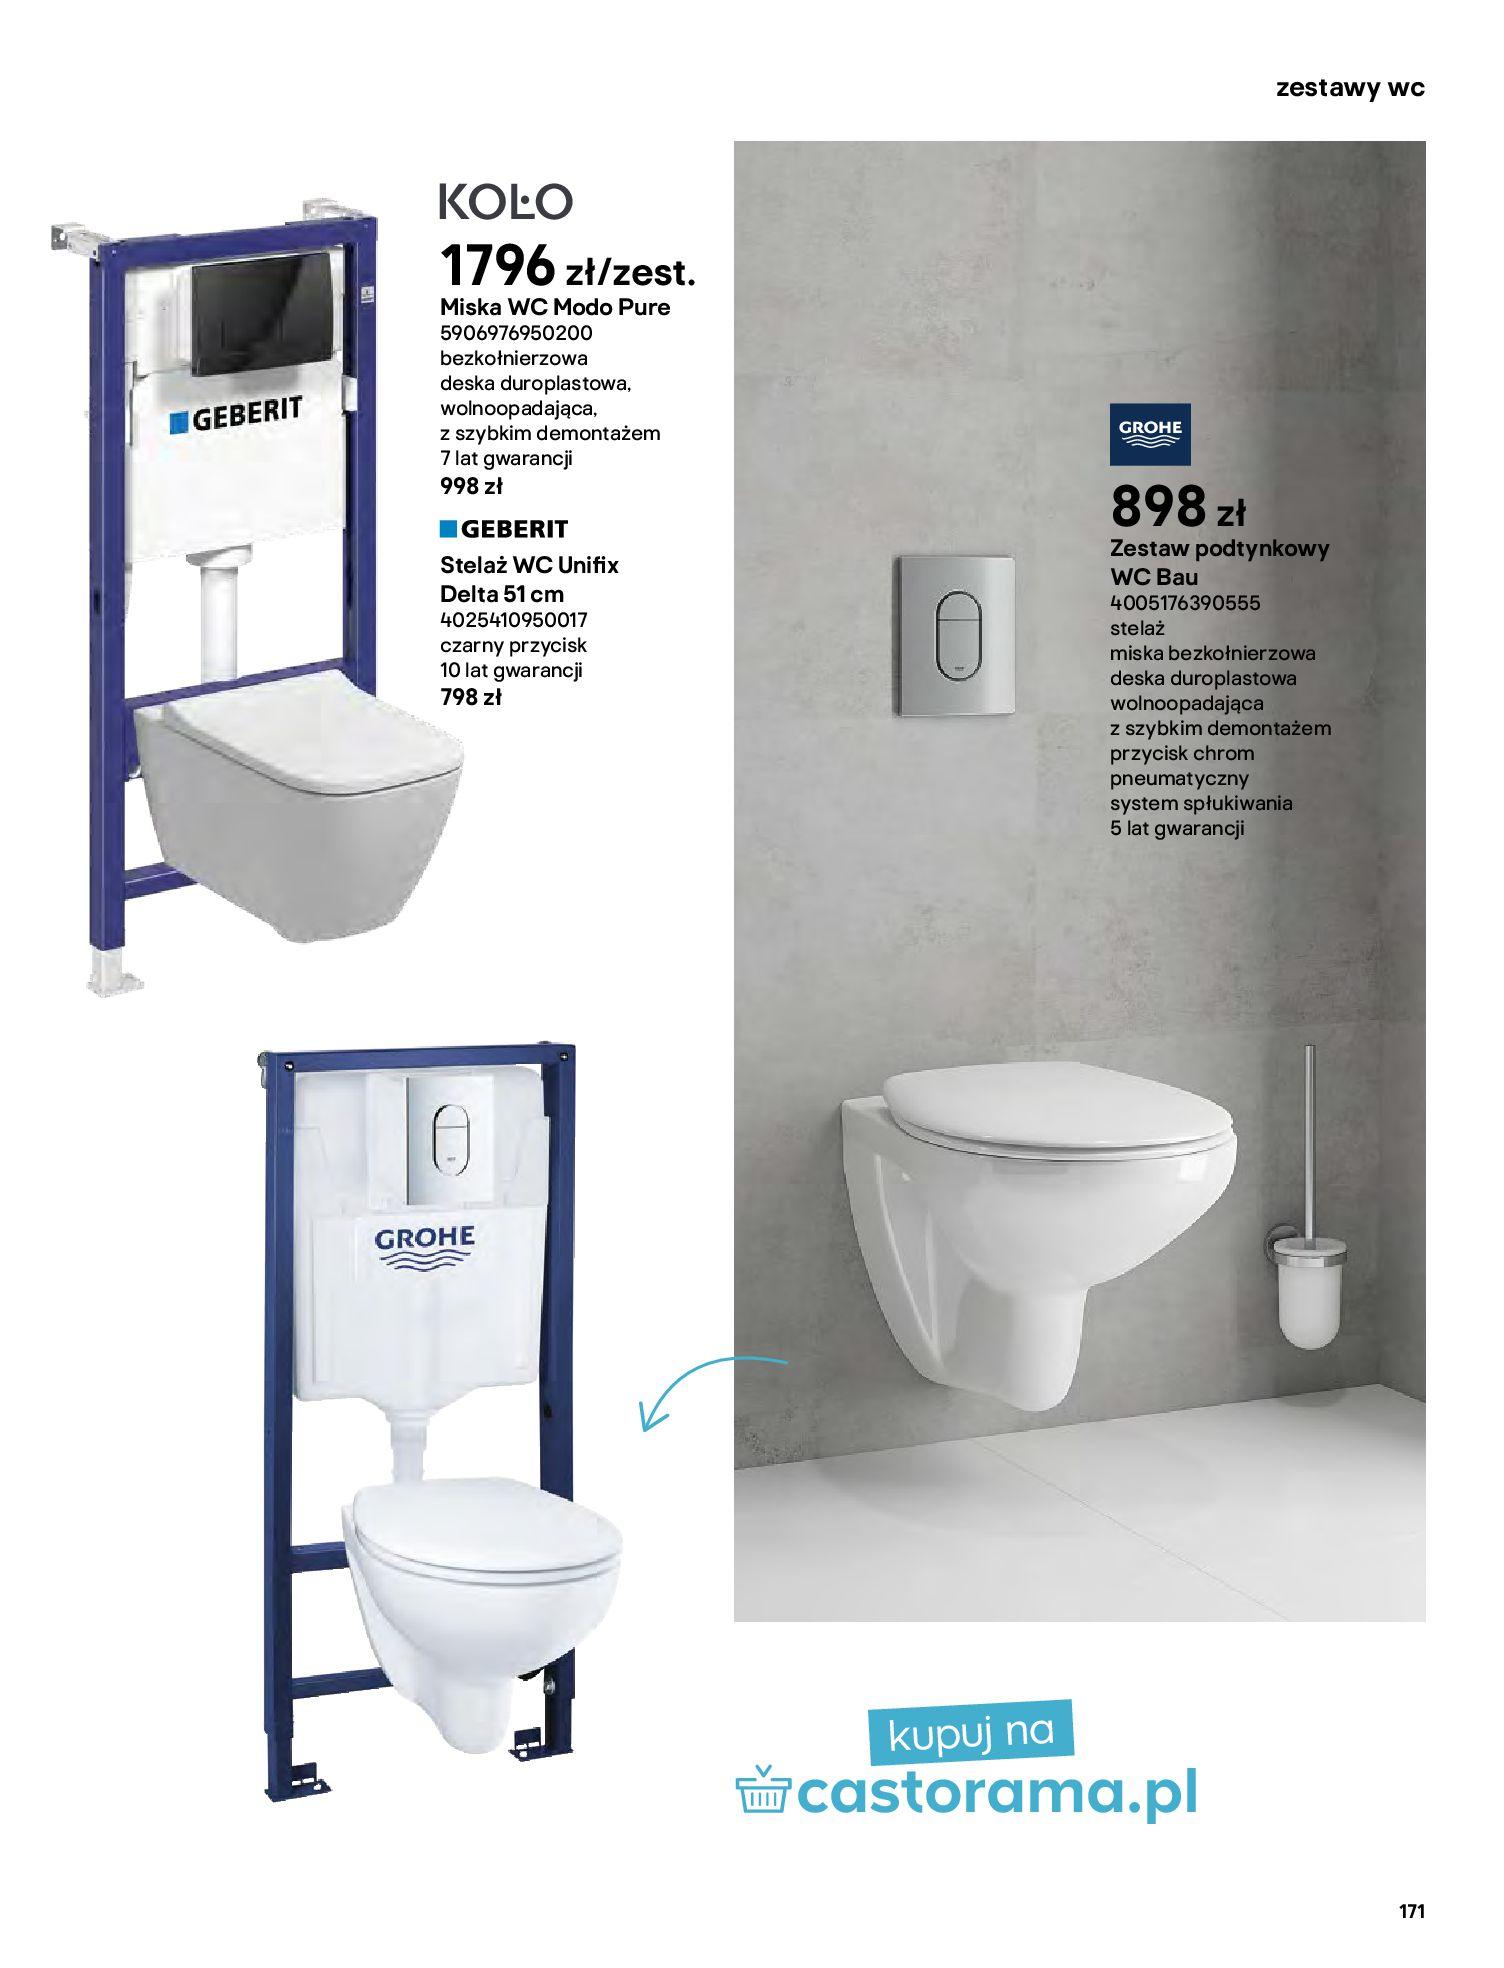 Gazetka Castorama: Gazetka Castorama - katalog łazienki 2021 2021-06-16 page-171